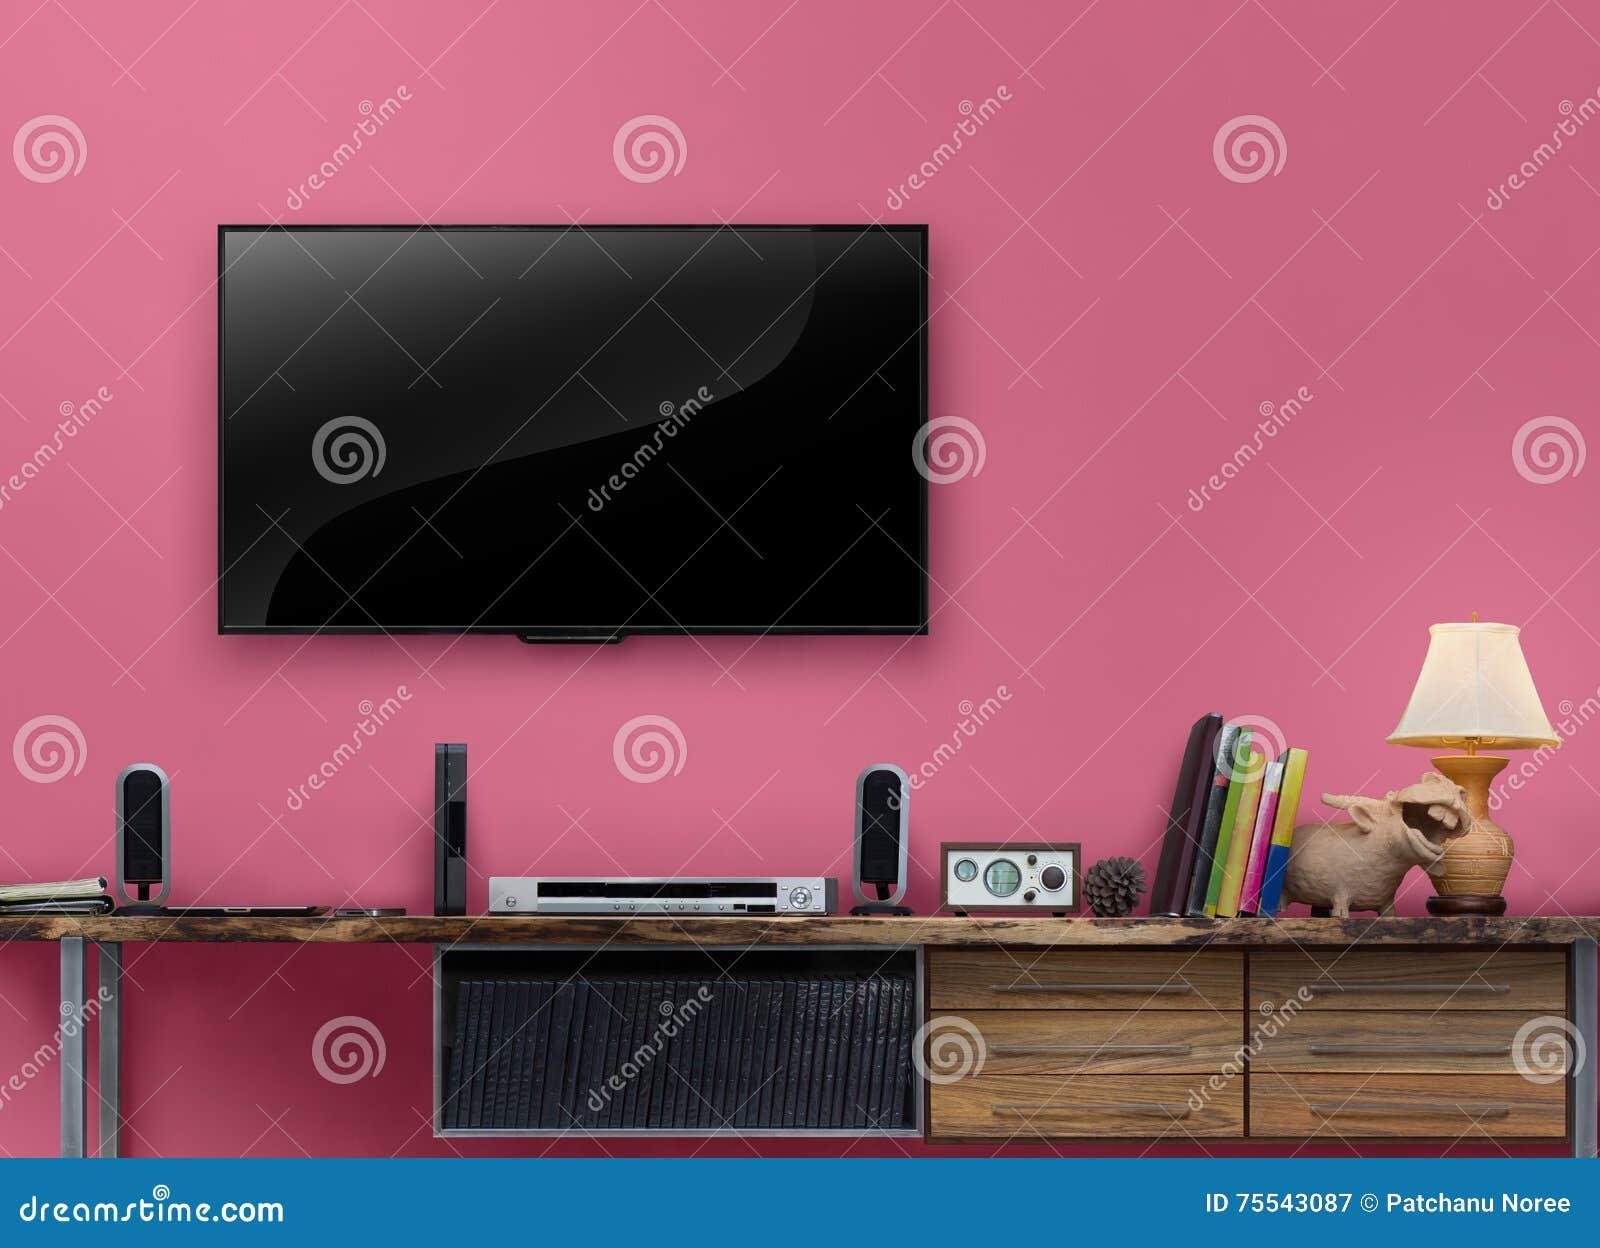 Geführter Fernsehholztisch Mit Rosa Wand Im Wohnzimmer Stockbild ...